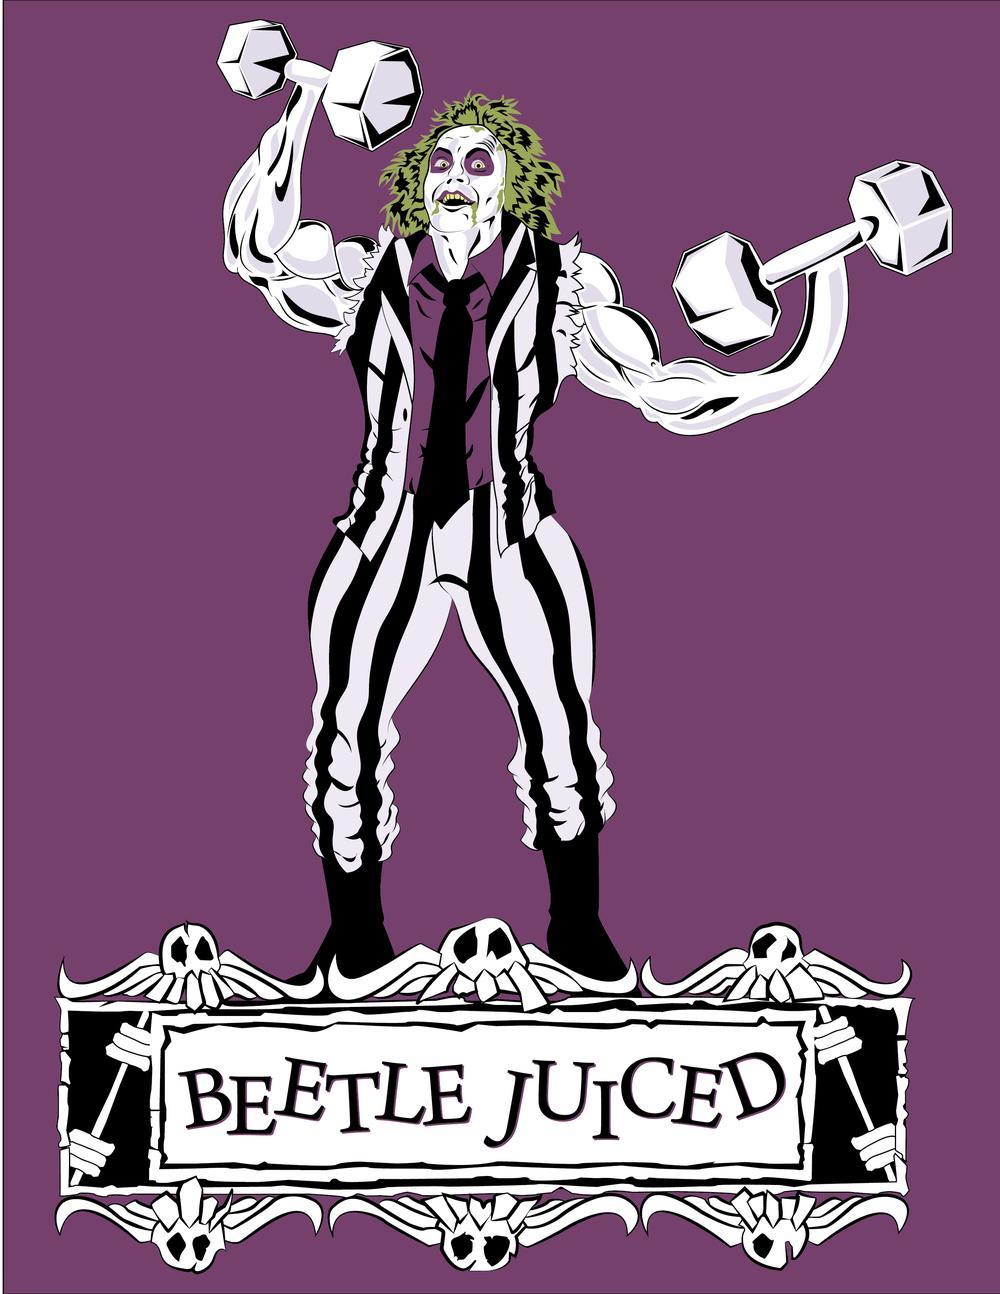 beetlejuiced-raskol-apparel-omar-isuf-roberto-orozco-design-artist-illustrator-vector-art-beetle-juice-michael-keaton-purple.jpg